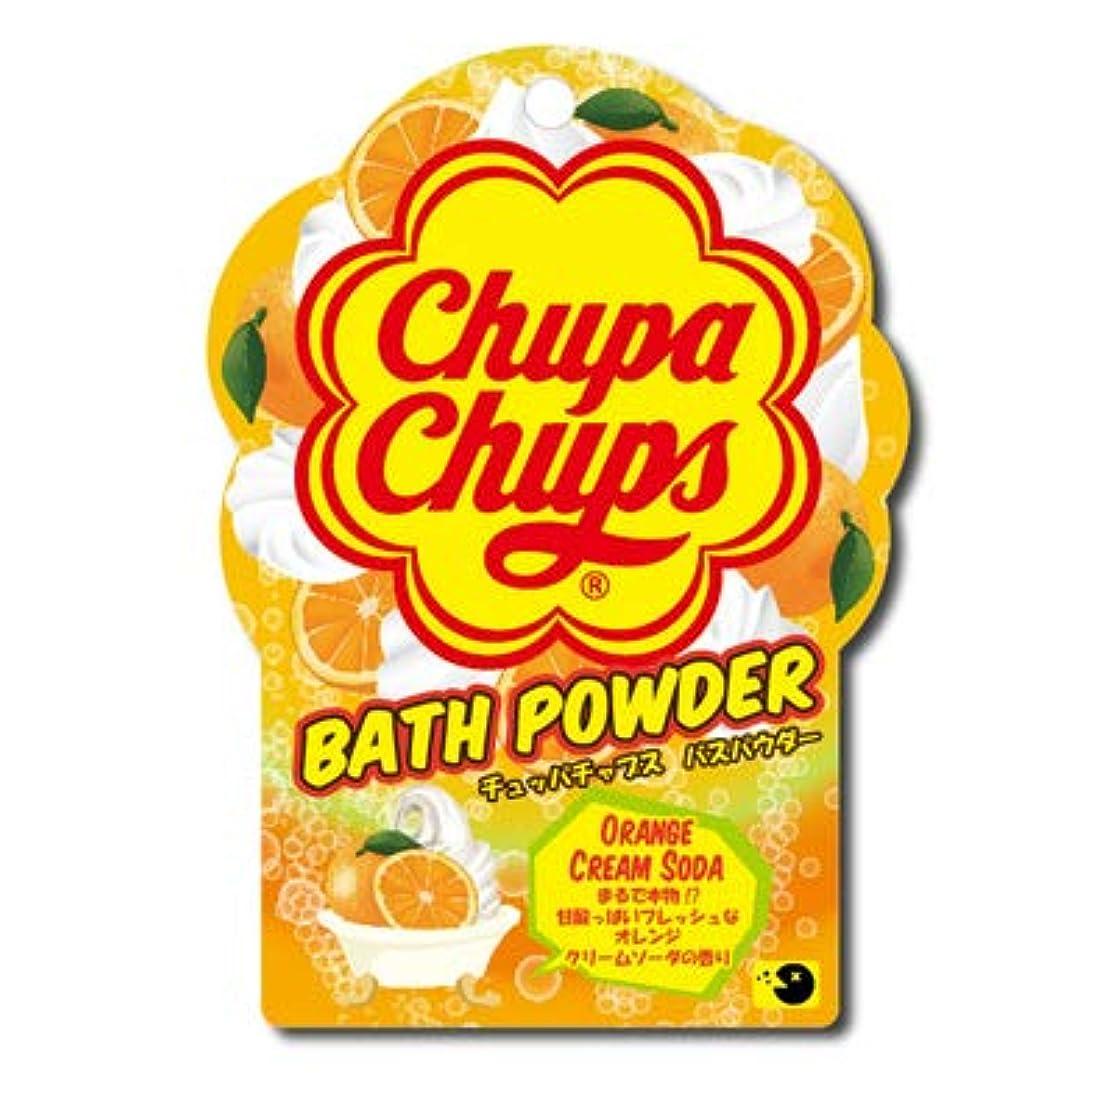 買収タイトル受動的【まとめ買い3個セット】 チュッパチャプスバスパウダー オレンジクリームソーダ